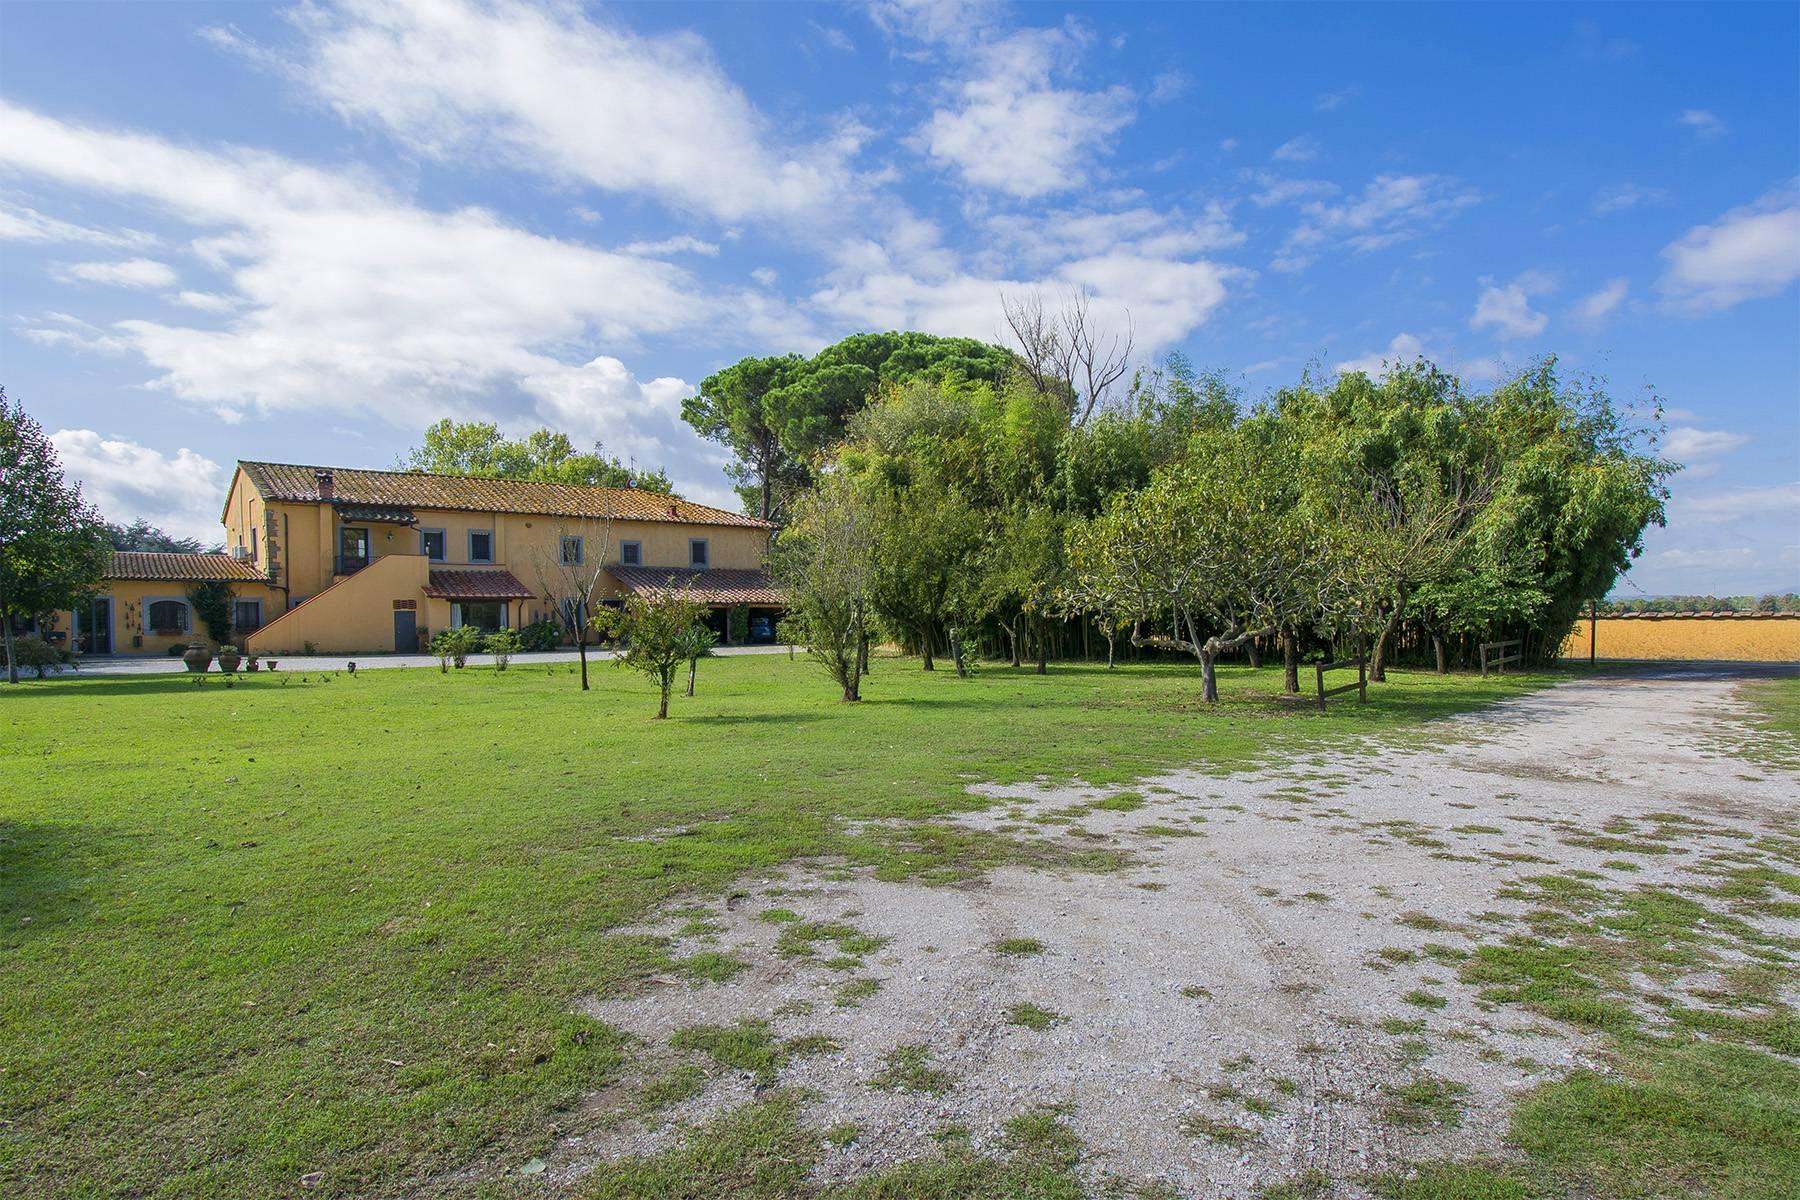 Bauernhaus mit Reitschule auf dem toskanischen Landschaft - 21